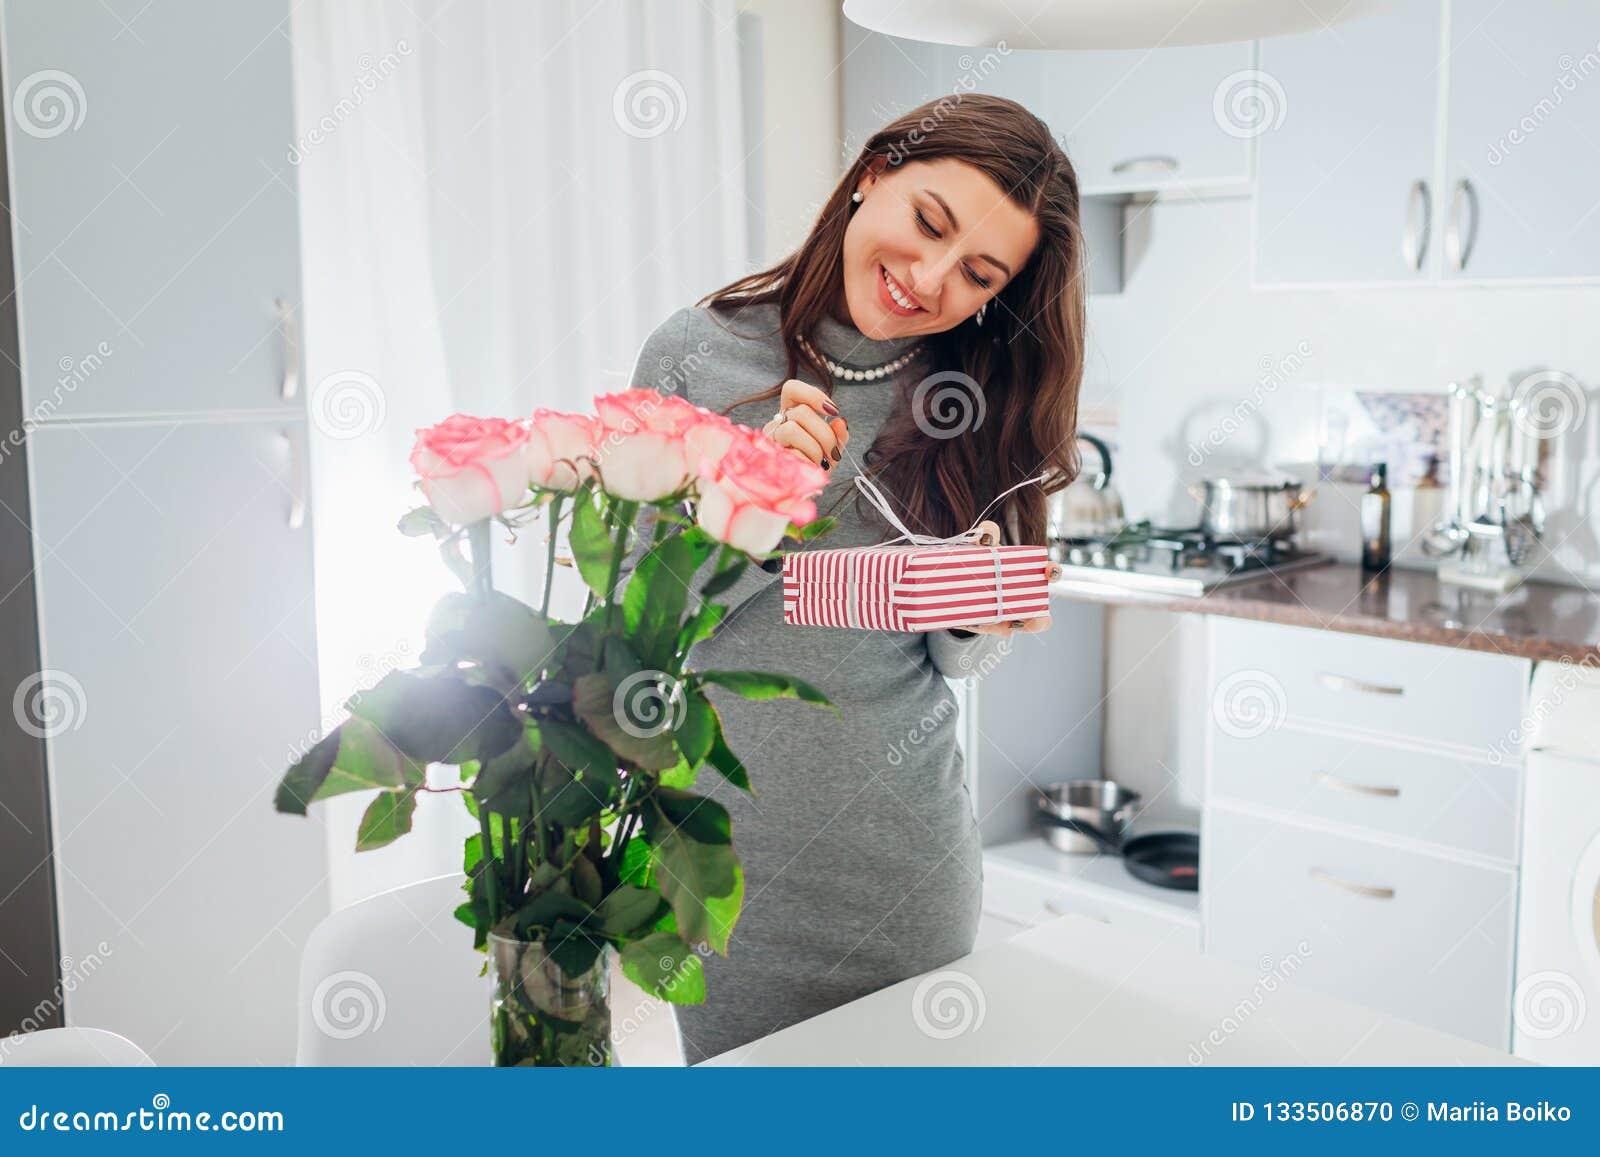 Νέες γυναίκα κιβώτιο δώρων και ανθοδέσμη των τριαντάφυλλων στην κουζίνα Ευτυχές ανοίγοντας παρόν κοριτσιών χαμόγελου